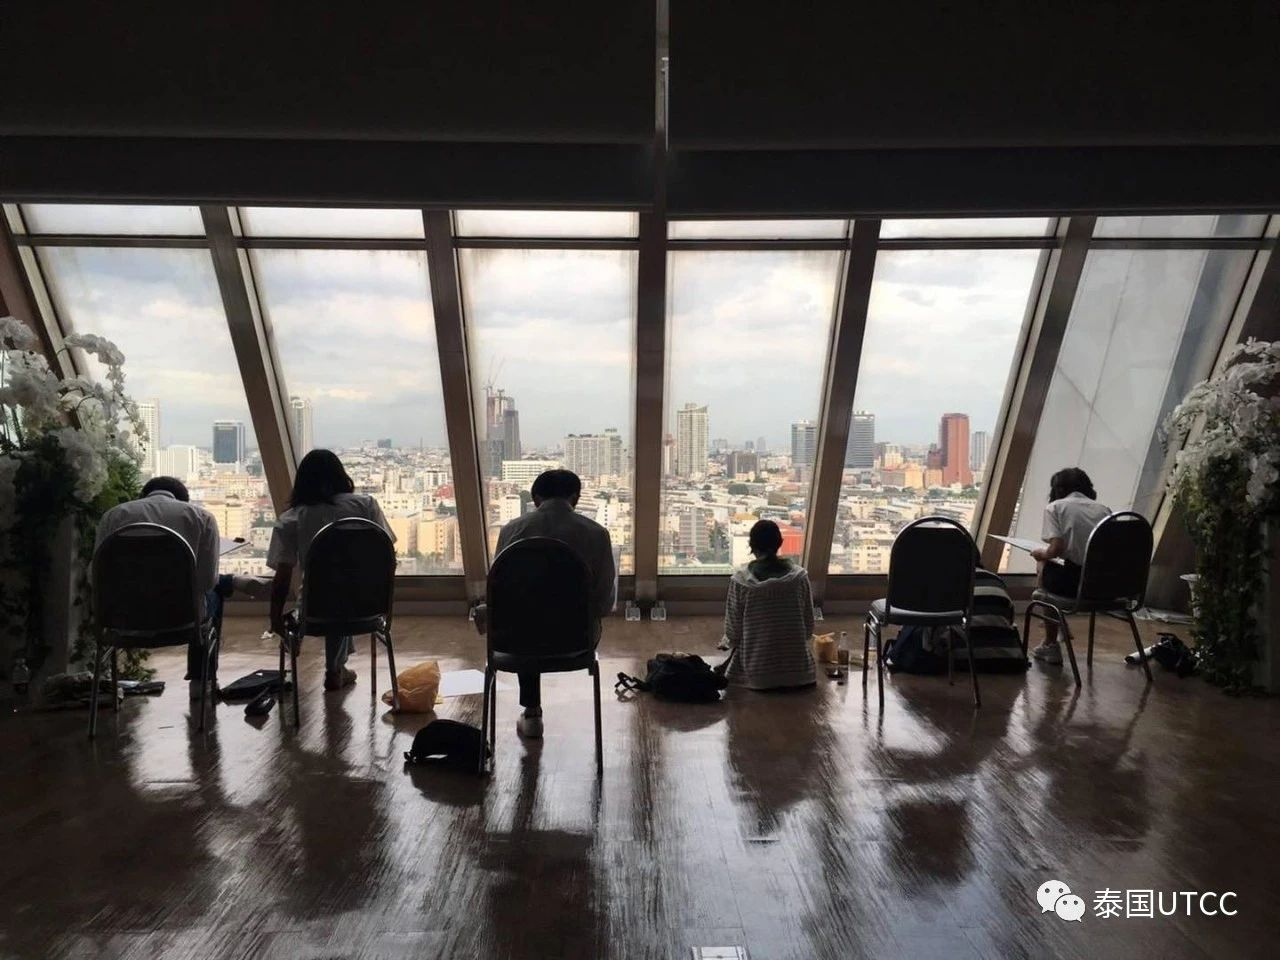 从18层窗户以鸟瞰视角勾勒城市线条